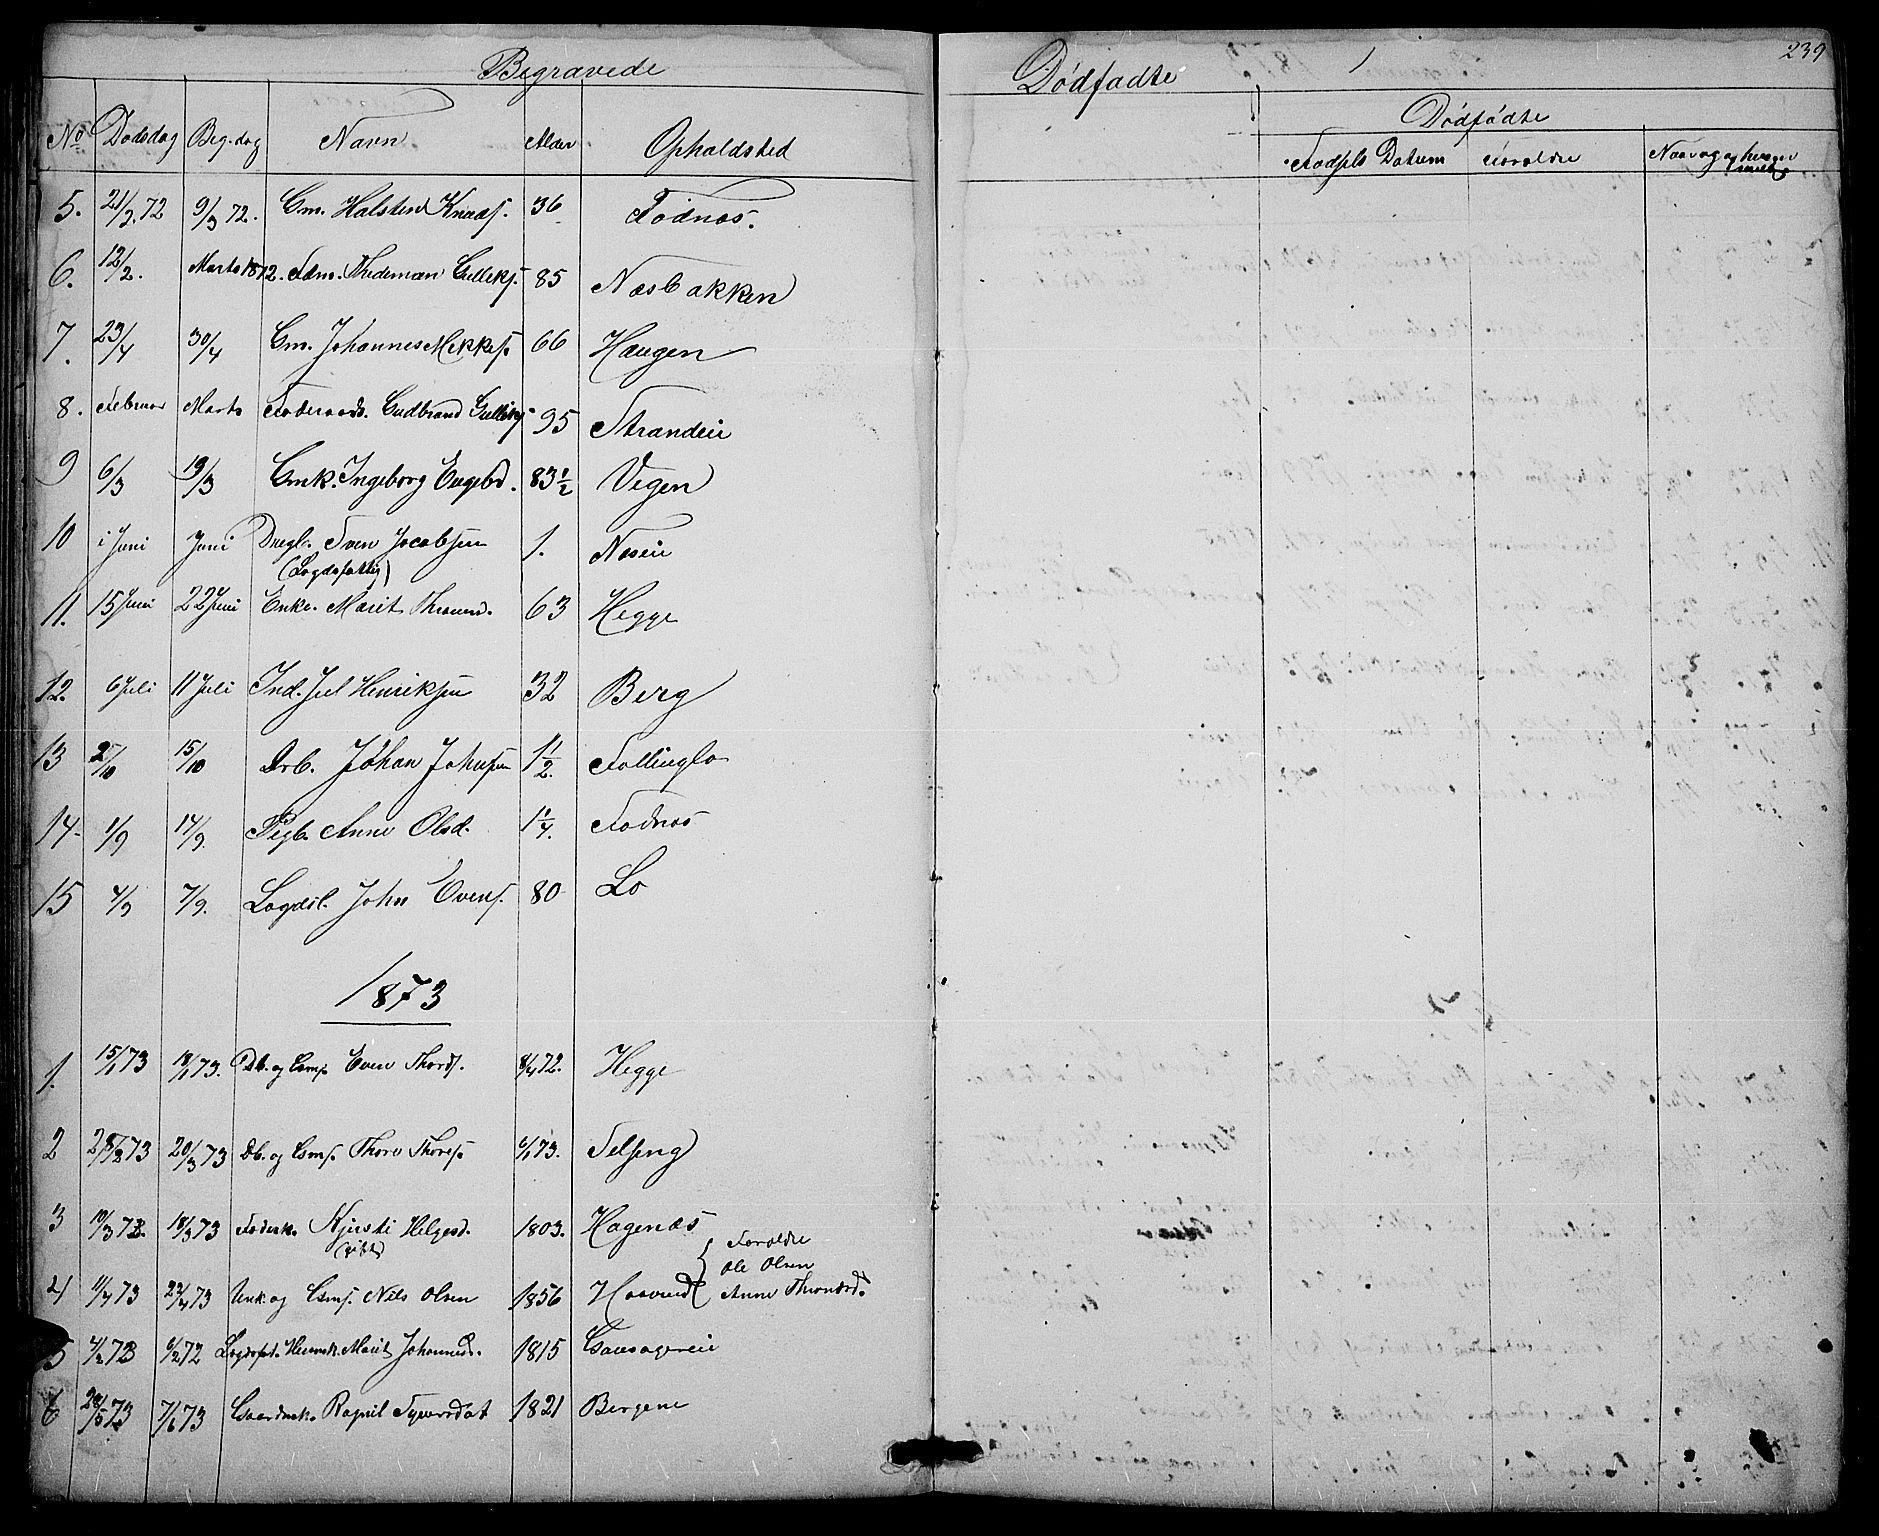 SAH, Nord-Aurdal prestekontor, Klokkerbok nr. 3, 1842-1882, s. 239